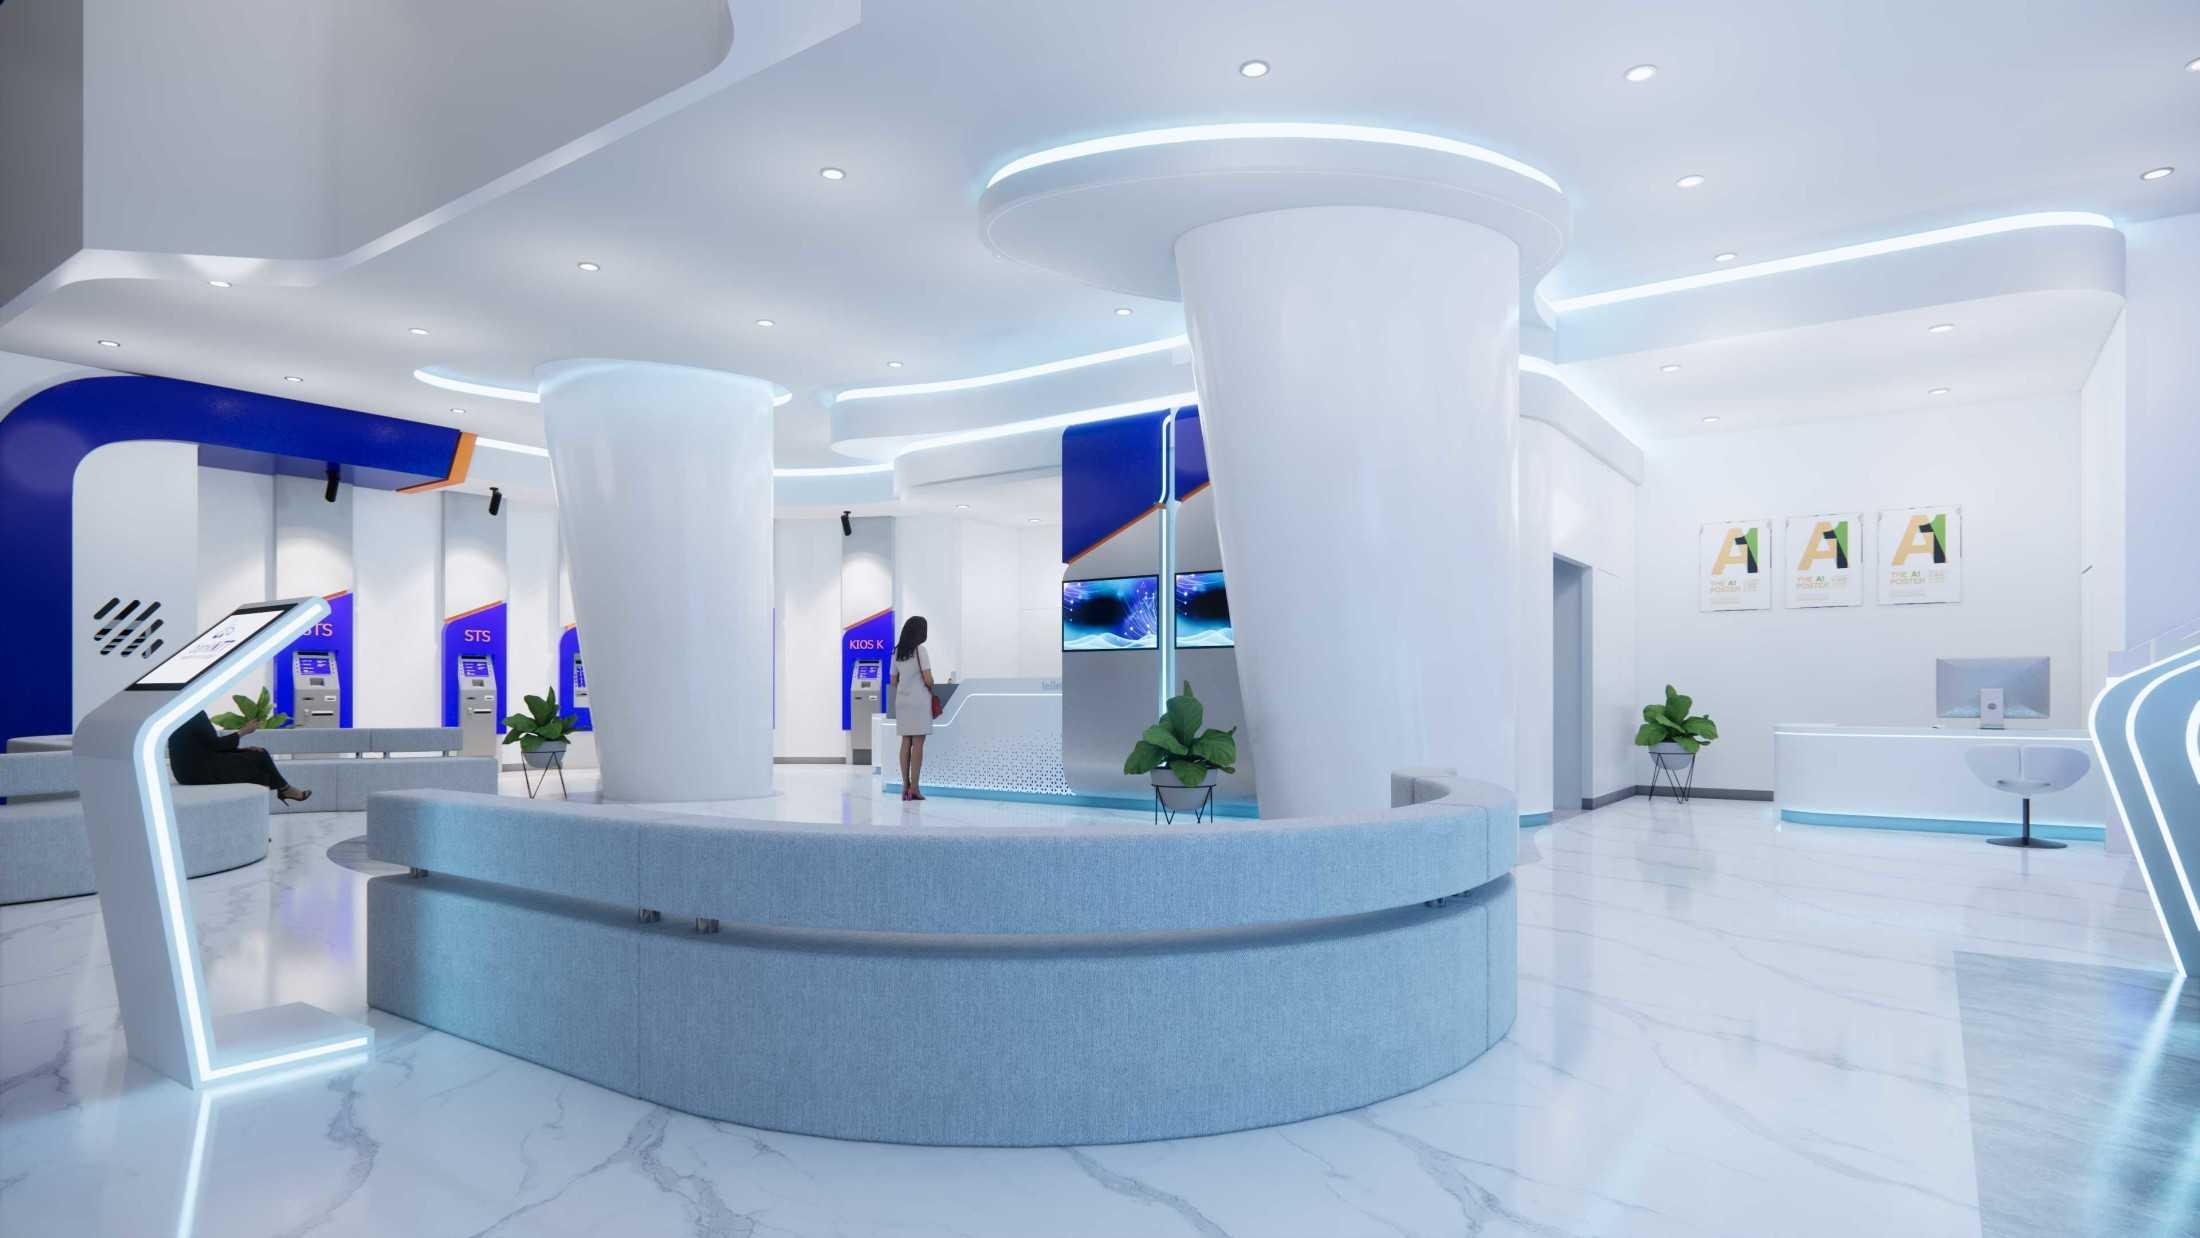 Tara Studio Banking Hall Bank Ntt Kupang, Kota Kupang, Nusa Tenggara Tim., Indonesia Kupang, Kota Kupang, Nusa Tenggara Tim., Indonesia Tara-Studio-Banking-Hall-Bank-Ntt  126130